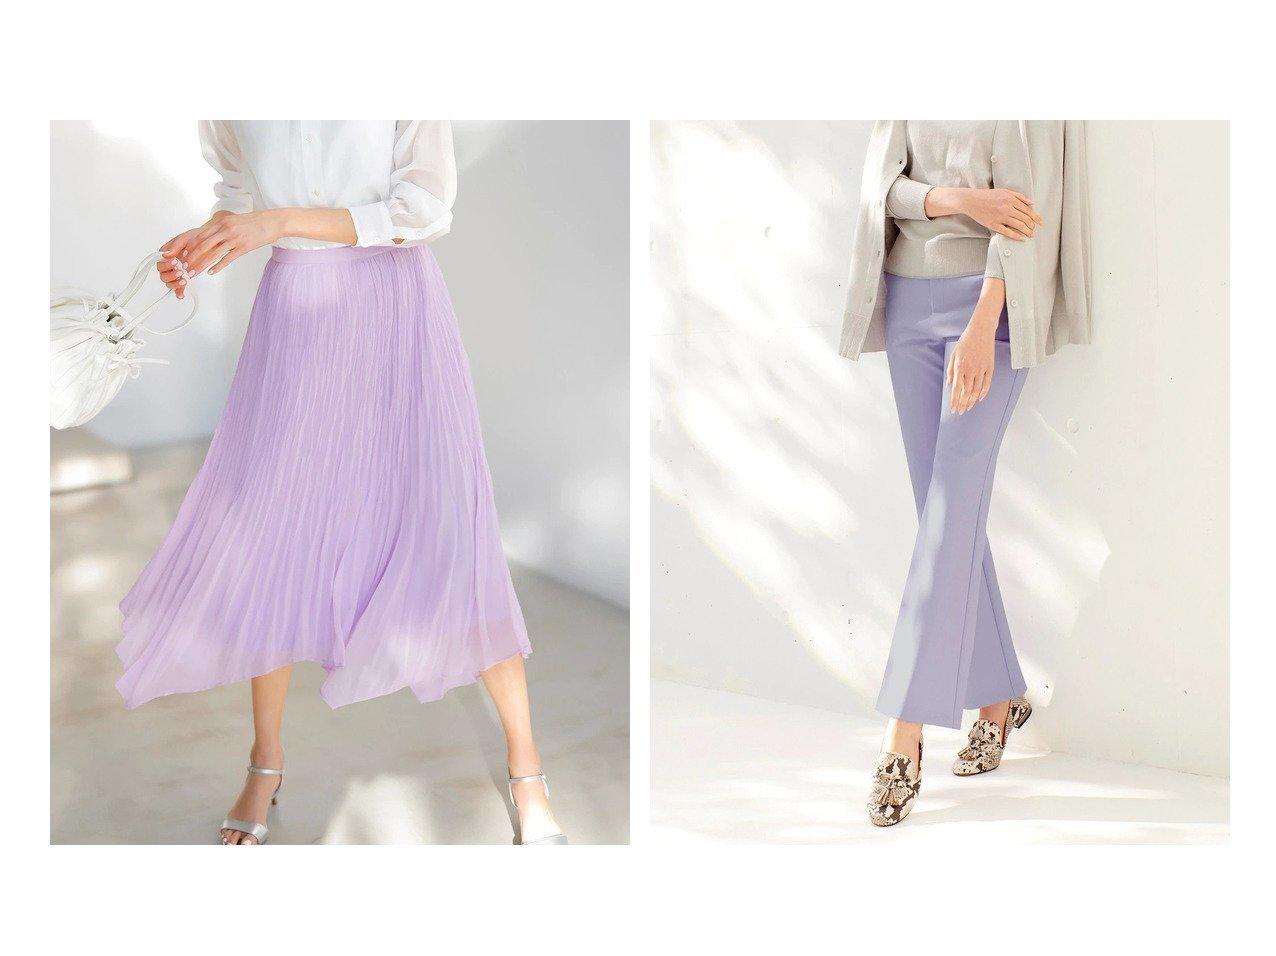 【DoCLASSE/ドゥクラッセ】のランダムヘム・シフォンスカート&ミラクルストレッチN・フレア/70cm 40代、50代の女性におすすめ!人気トレンド・ファッションの通販 おすすめで人気の流行・トレンド、ファッションの通販商品 メンズファッション・キッズファッション・インテリア・家具・レディースファッション・服の通販 founy(ファニー) https://founy.com/ ファッション Fashion レディースファッション WOMEN スカート Skirt シフォン プリーツ ランダム ストレッチ ストレート スリム フレア レギンス ワイド 人気 今季 |ID:crp329100000028129